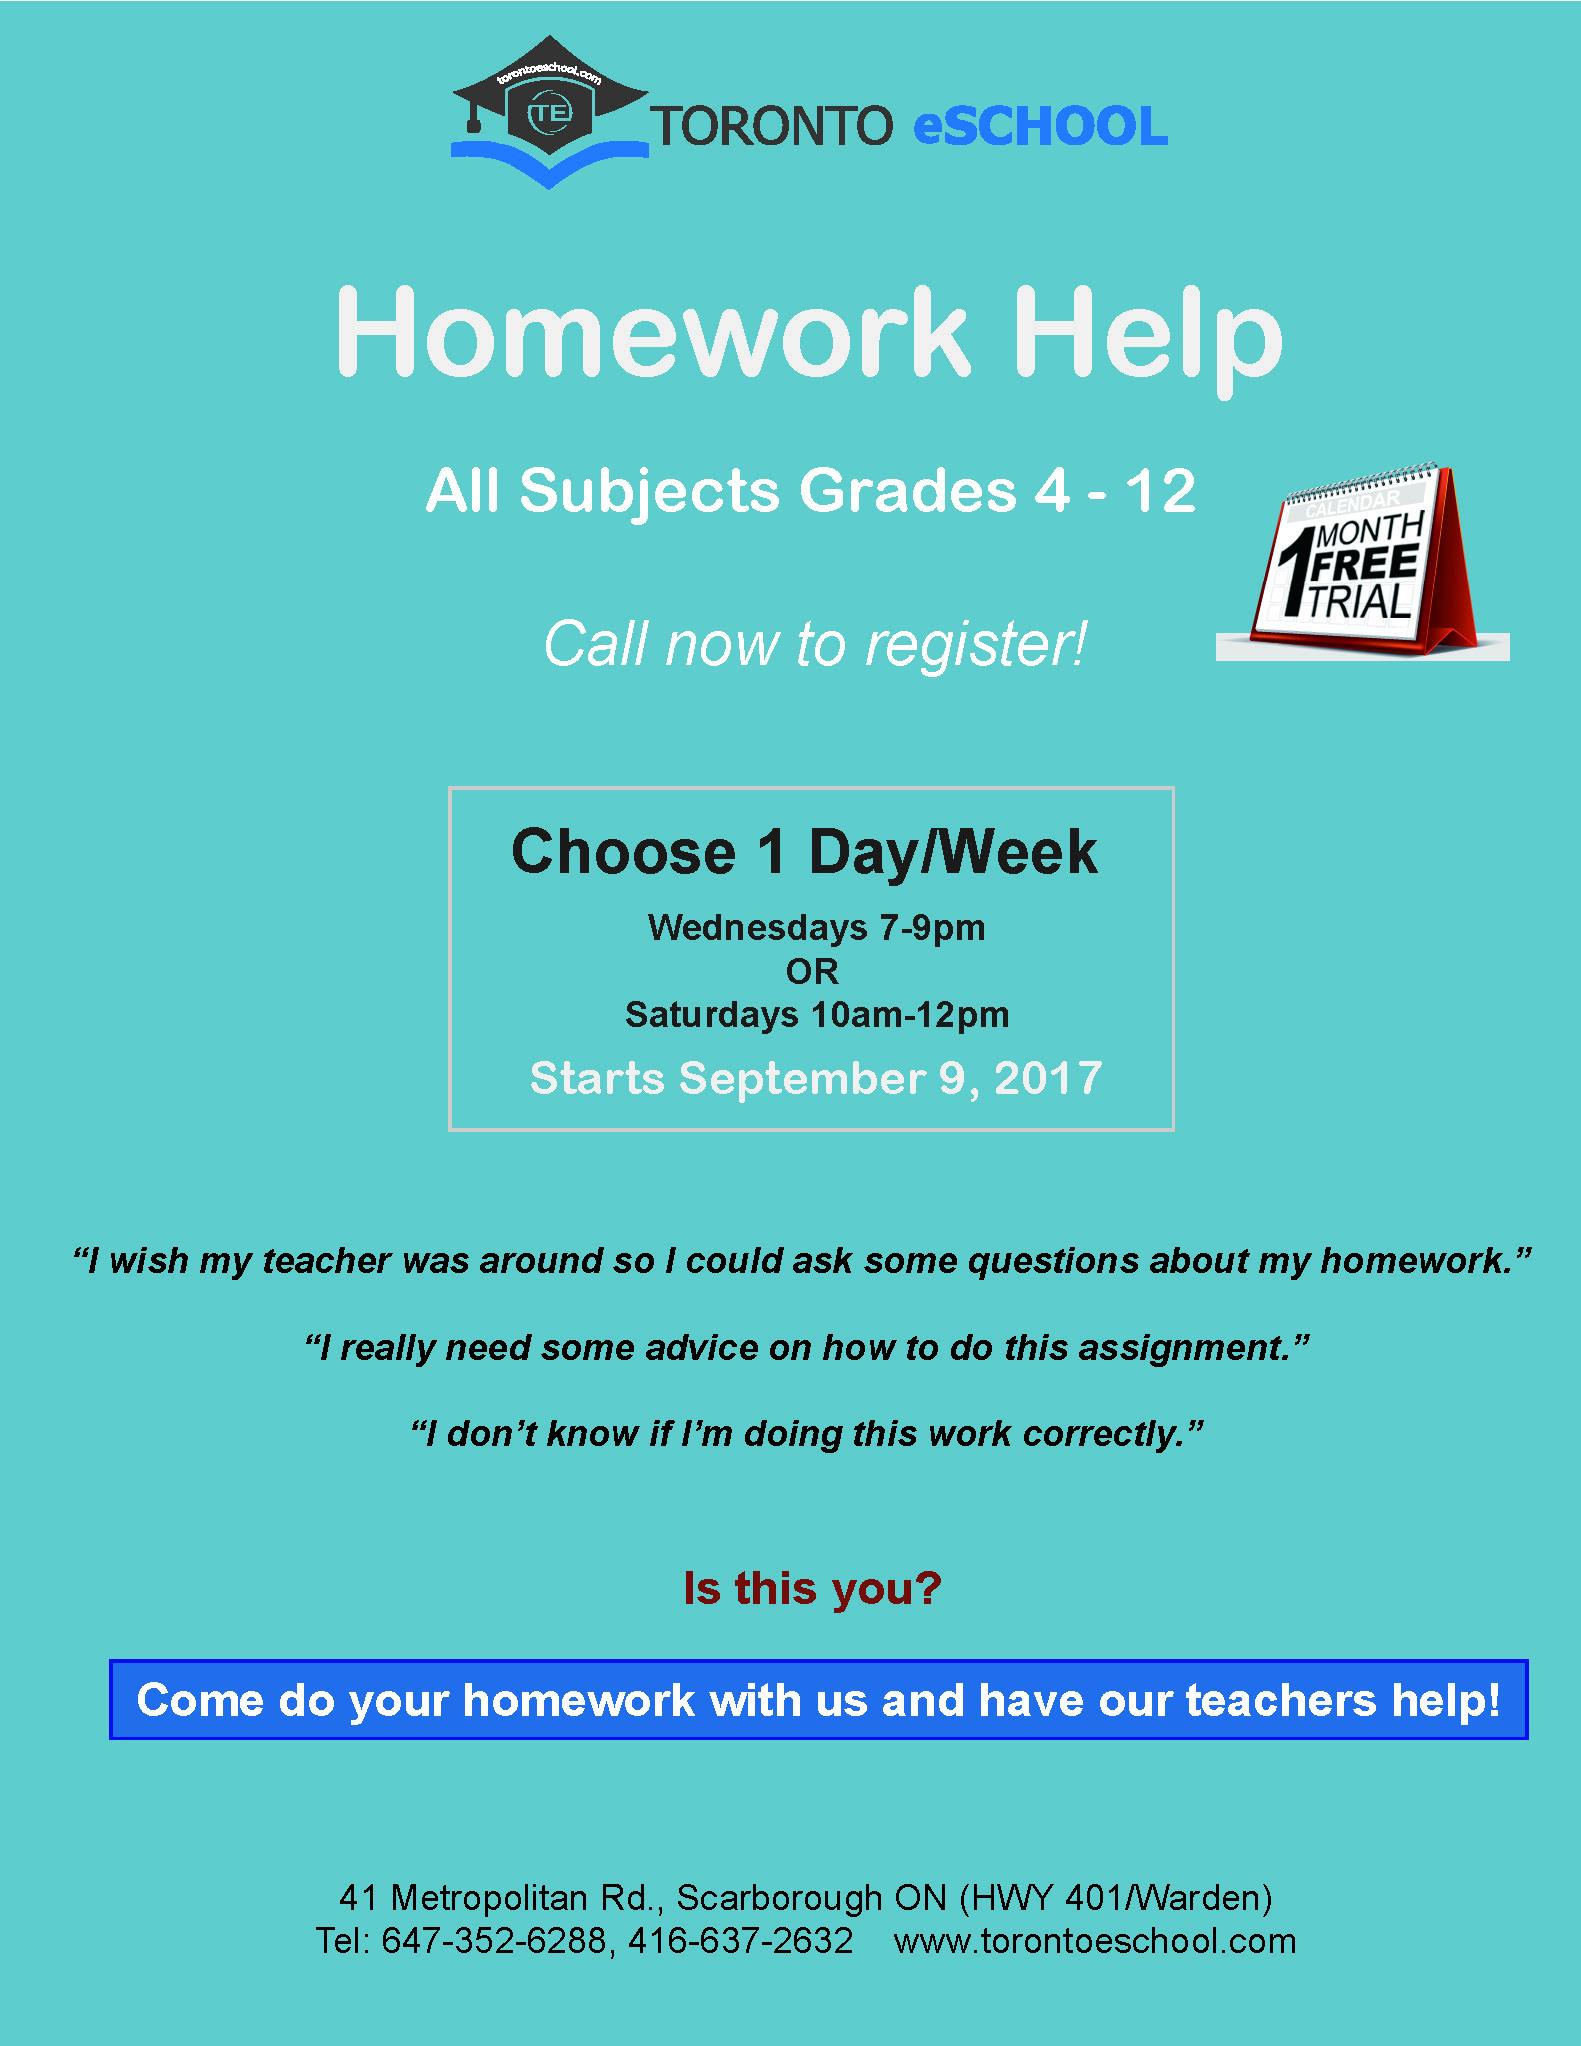 Homwork Help